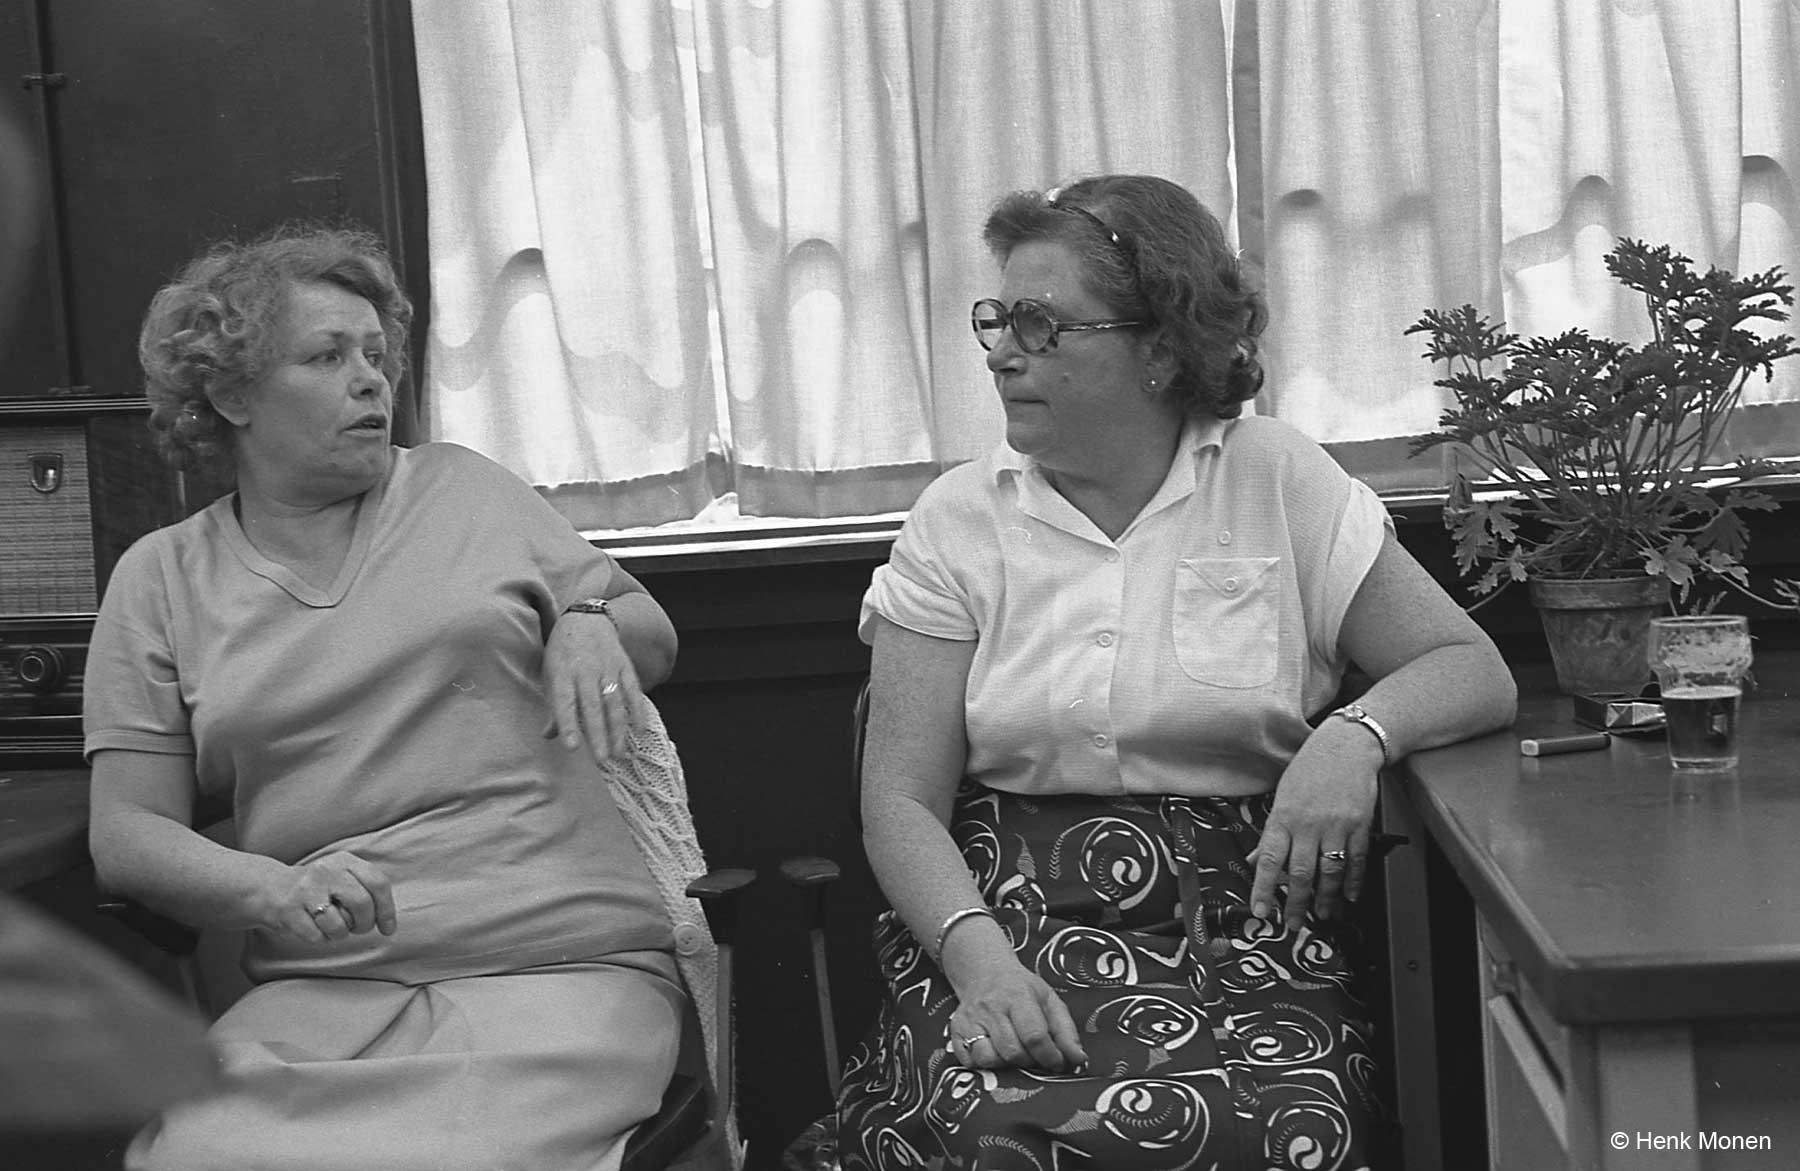 de dames Toepoel en Frieling